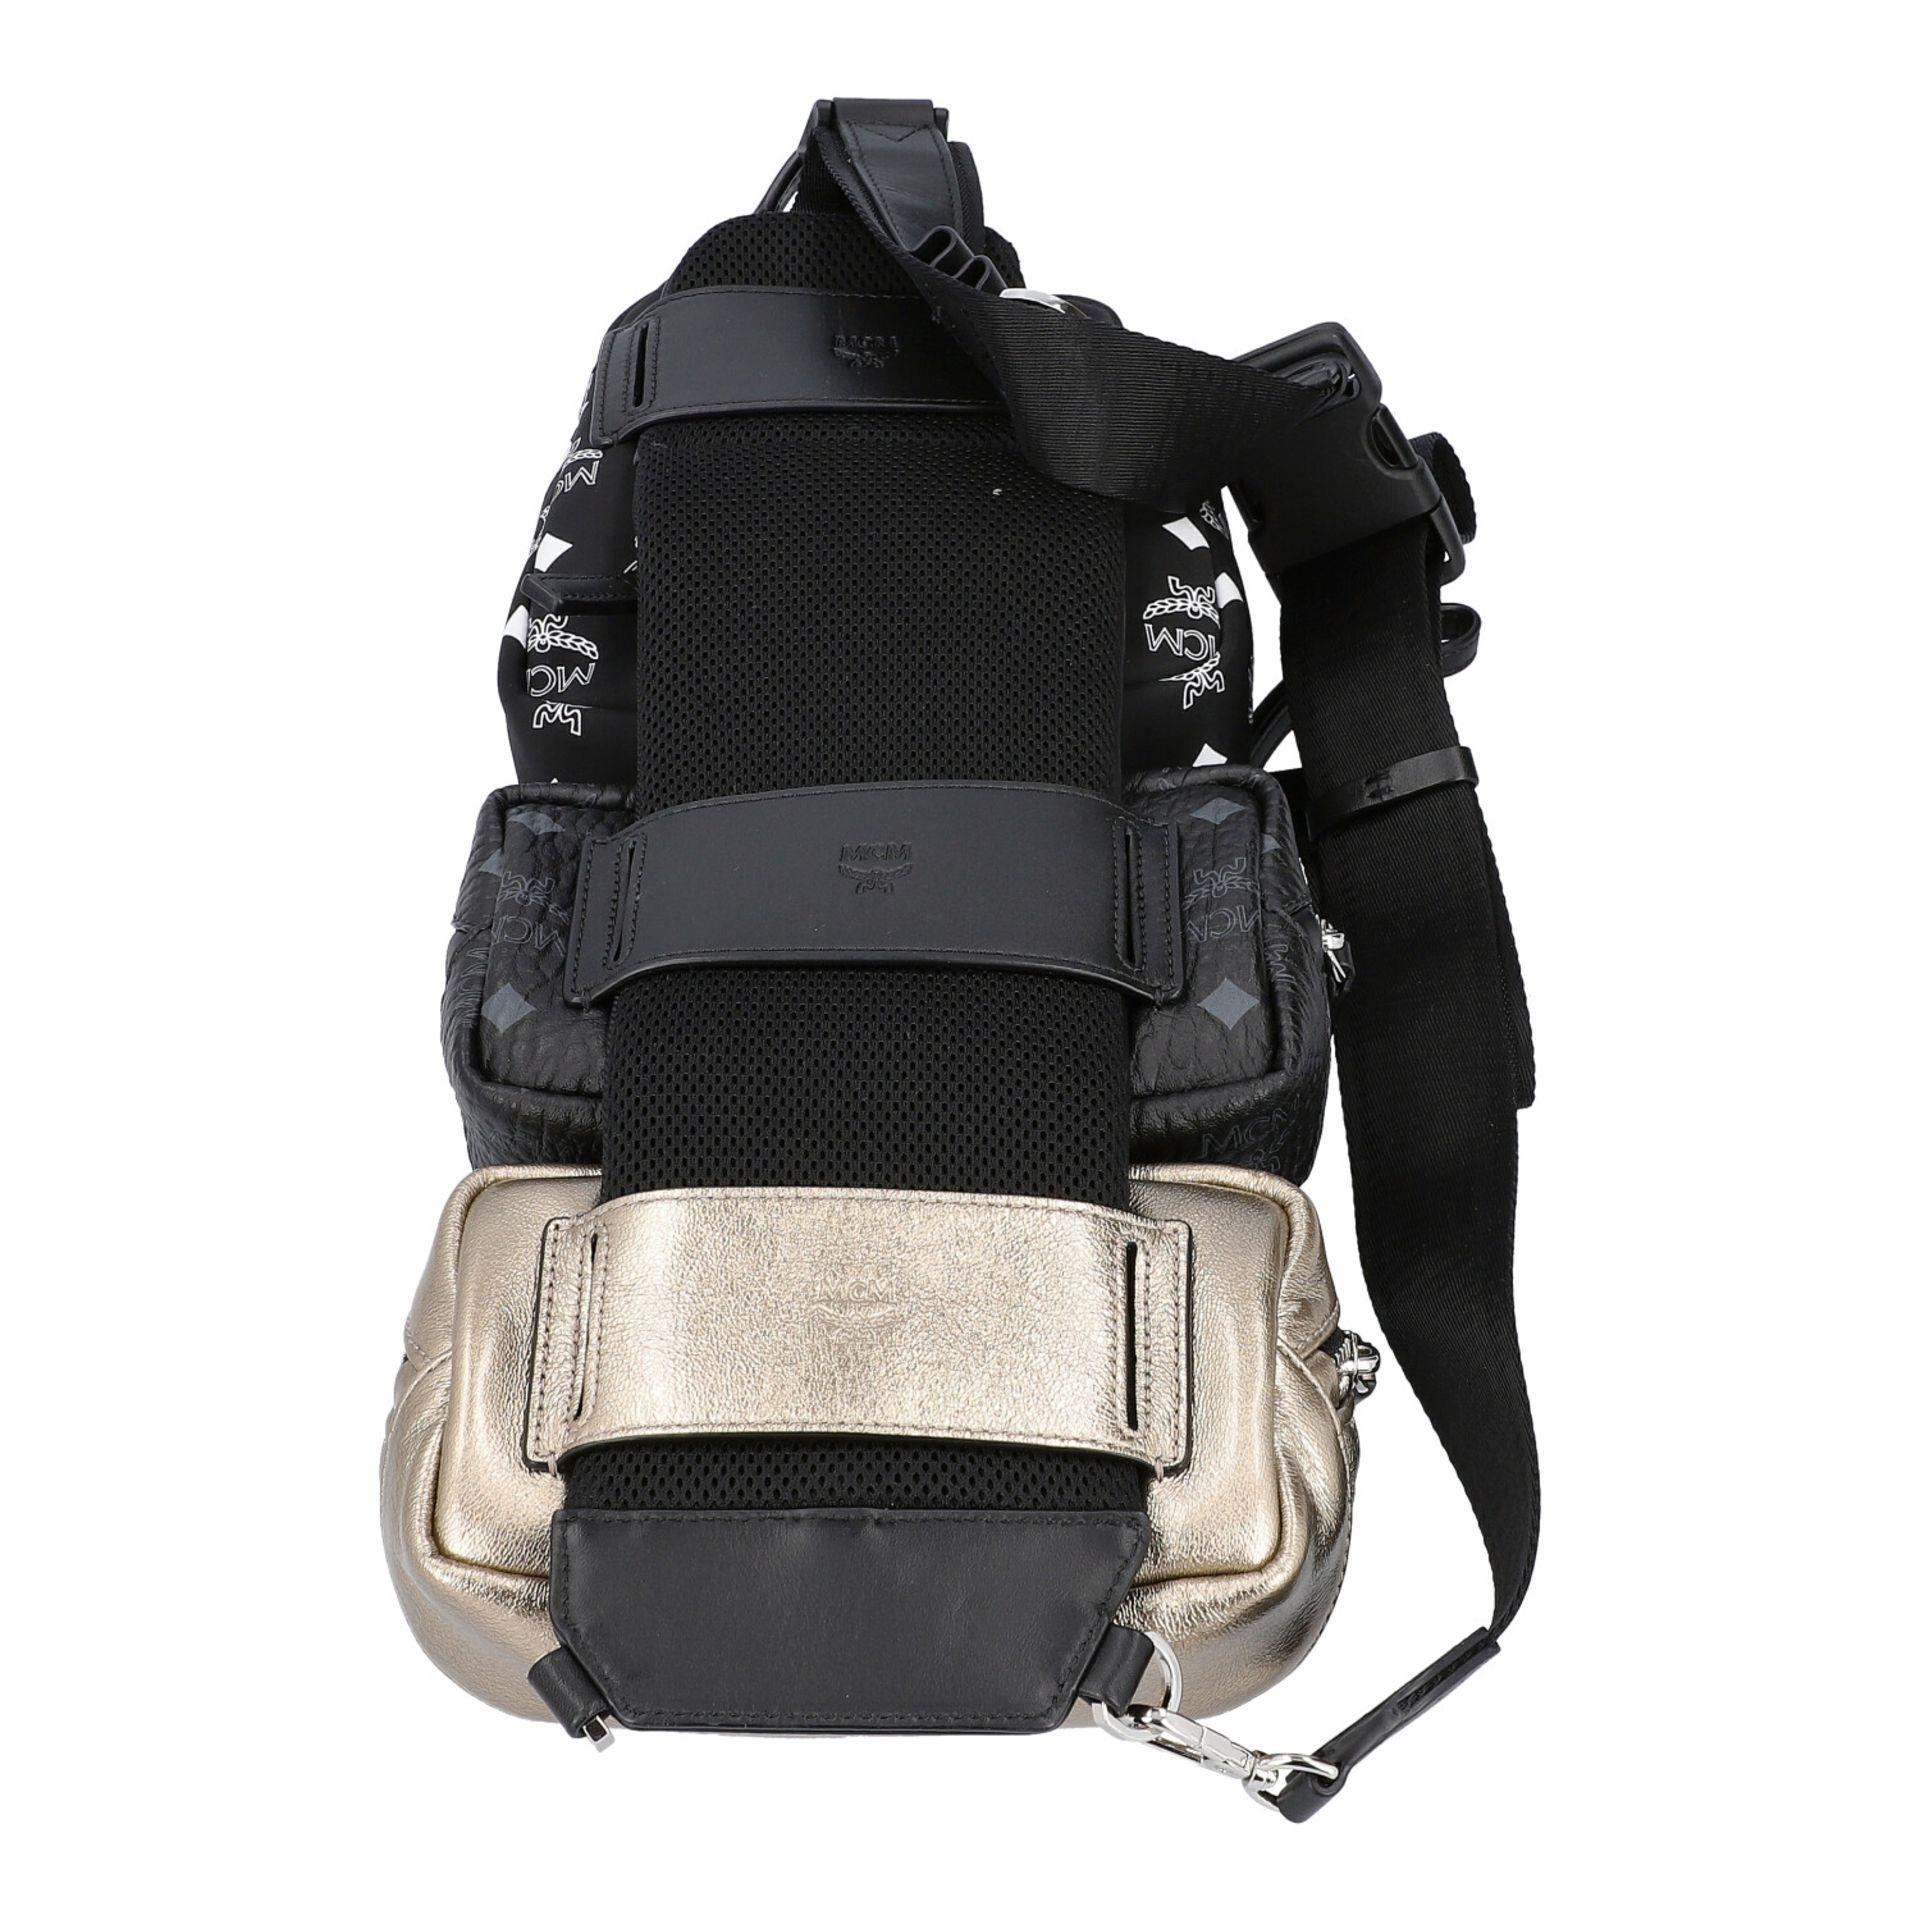 MCM Multi-Bag, akt. NP.: 995,-€. Dreifache Tasche bestehend aus drei einzelnen Model - Image 4 of 5